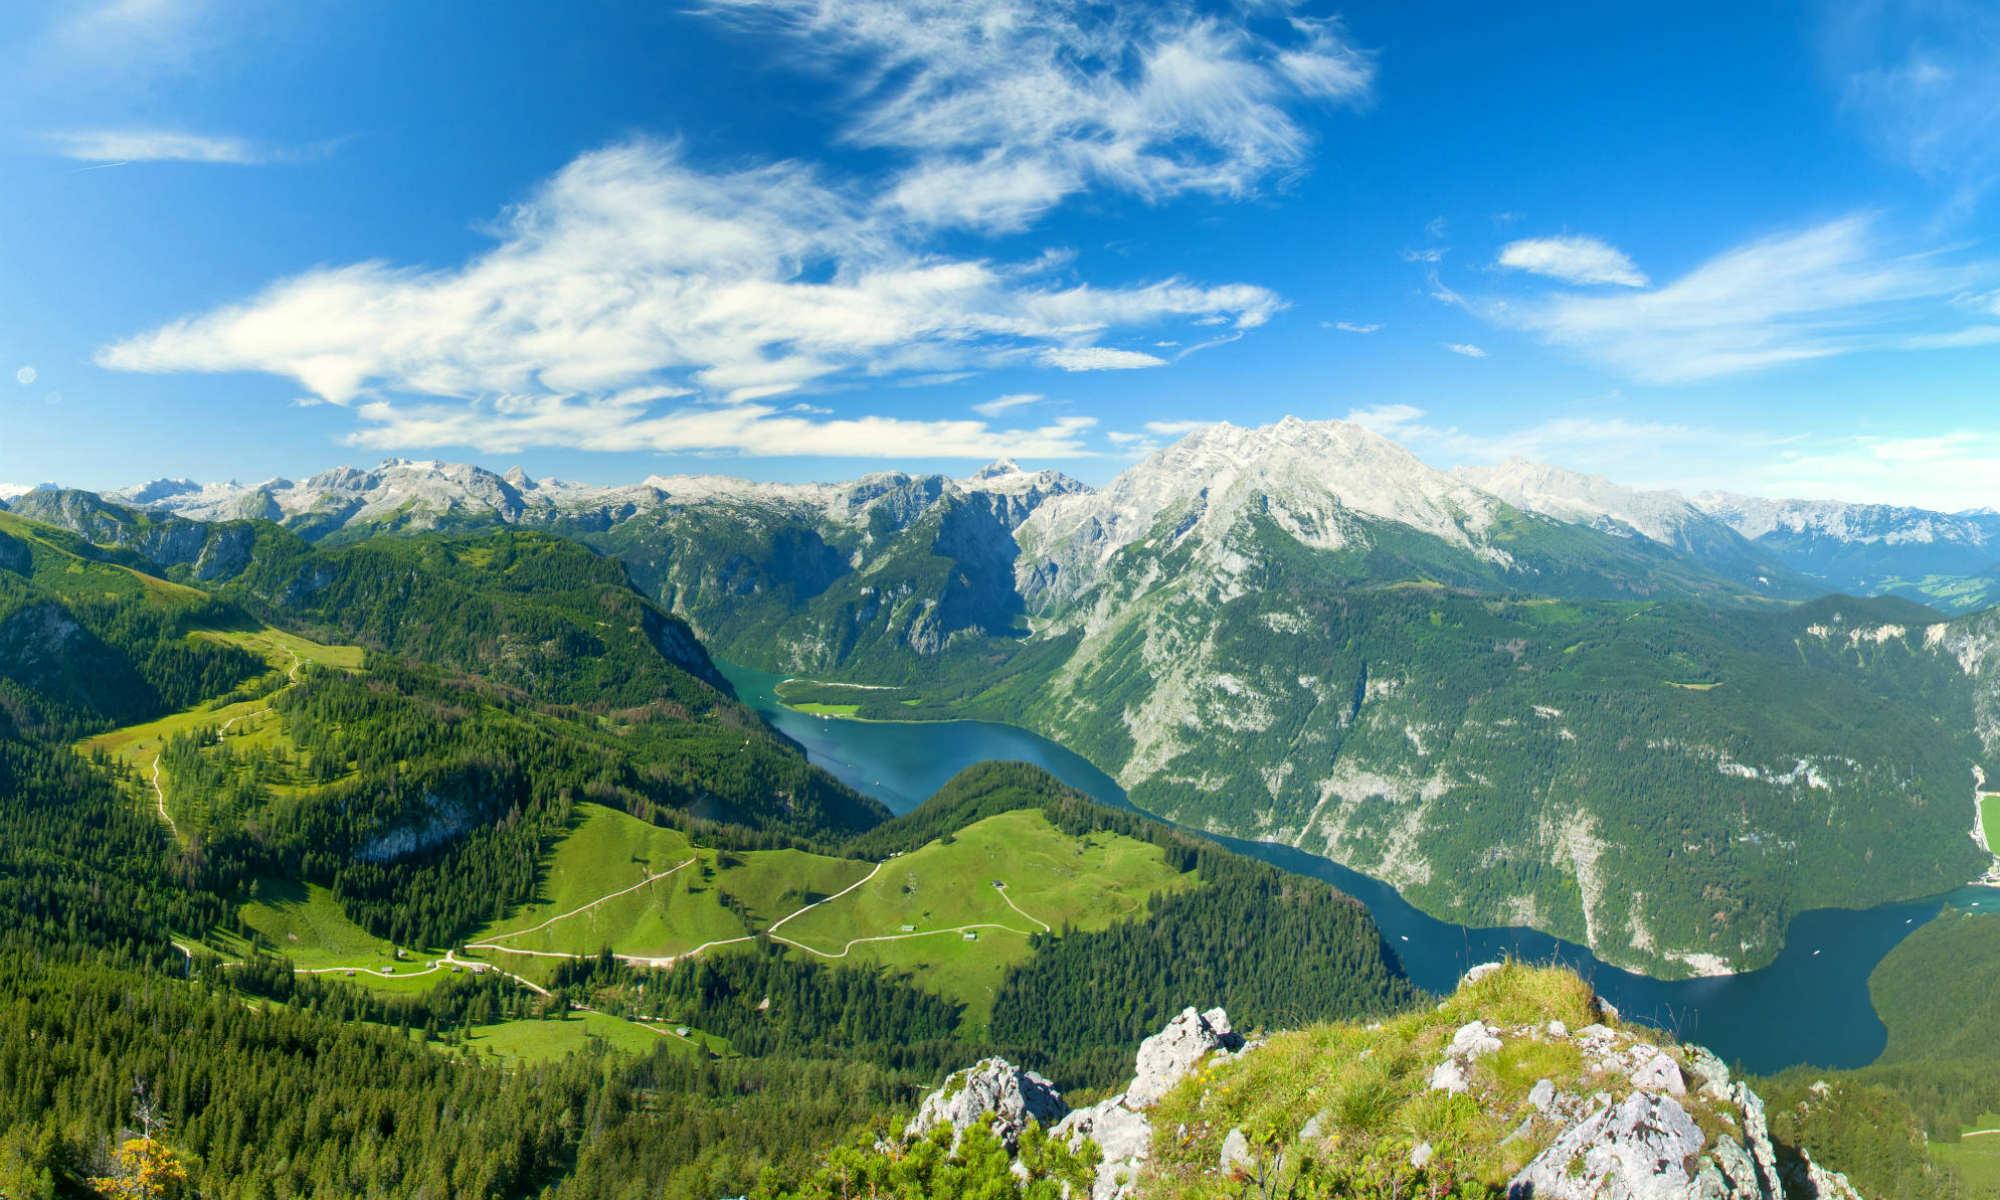 Das Panorama im Berchtesgadener Land mit Blick auf Königssee und Watzmann.